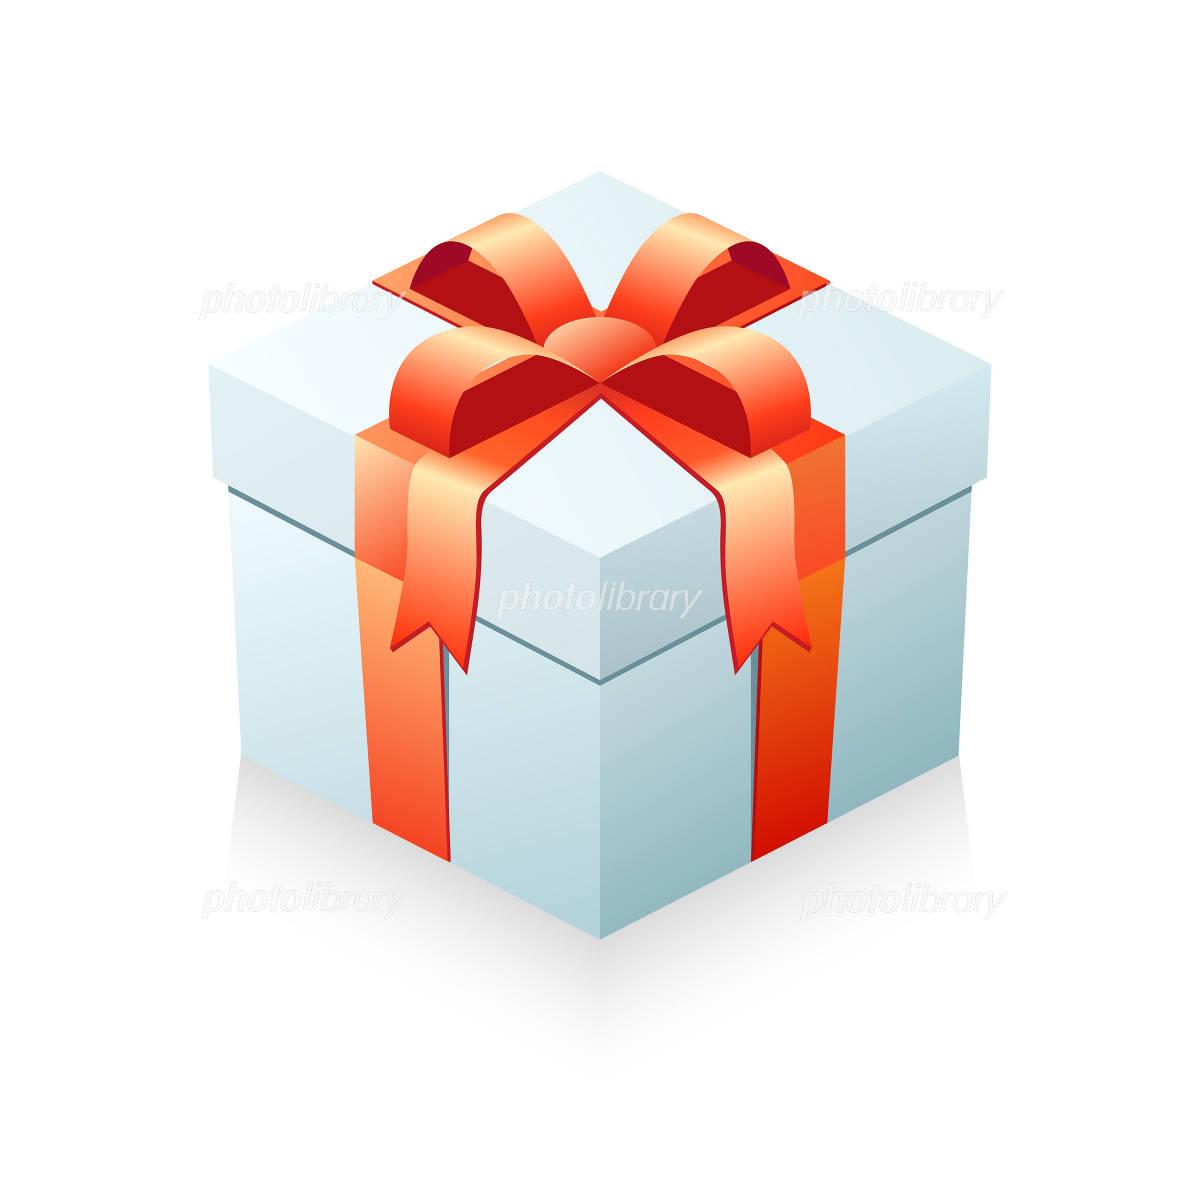 プレゼント箱 箱ライトブルーリボンレッド イラスト素材 1034438